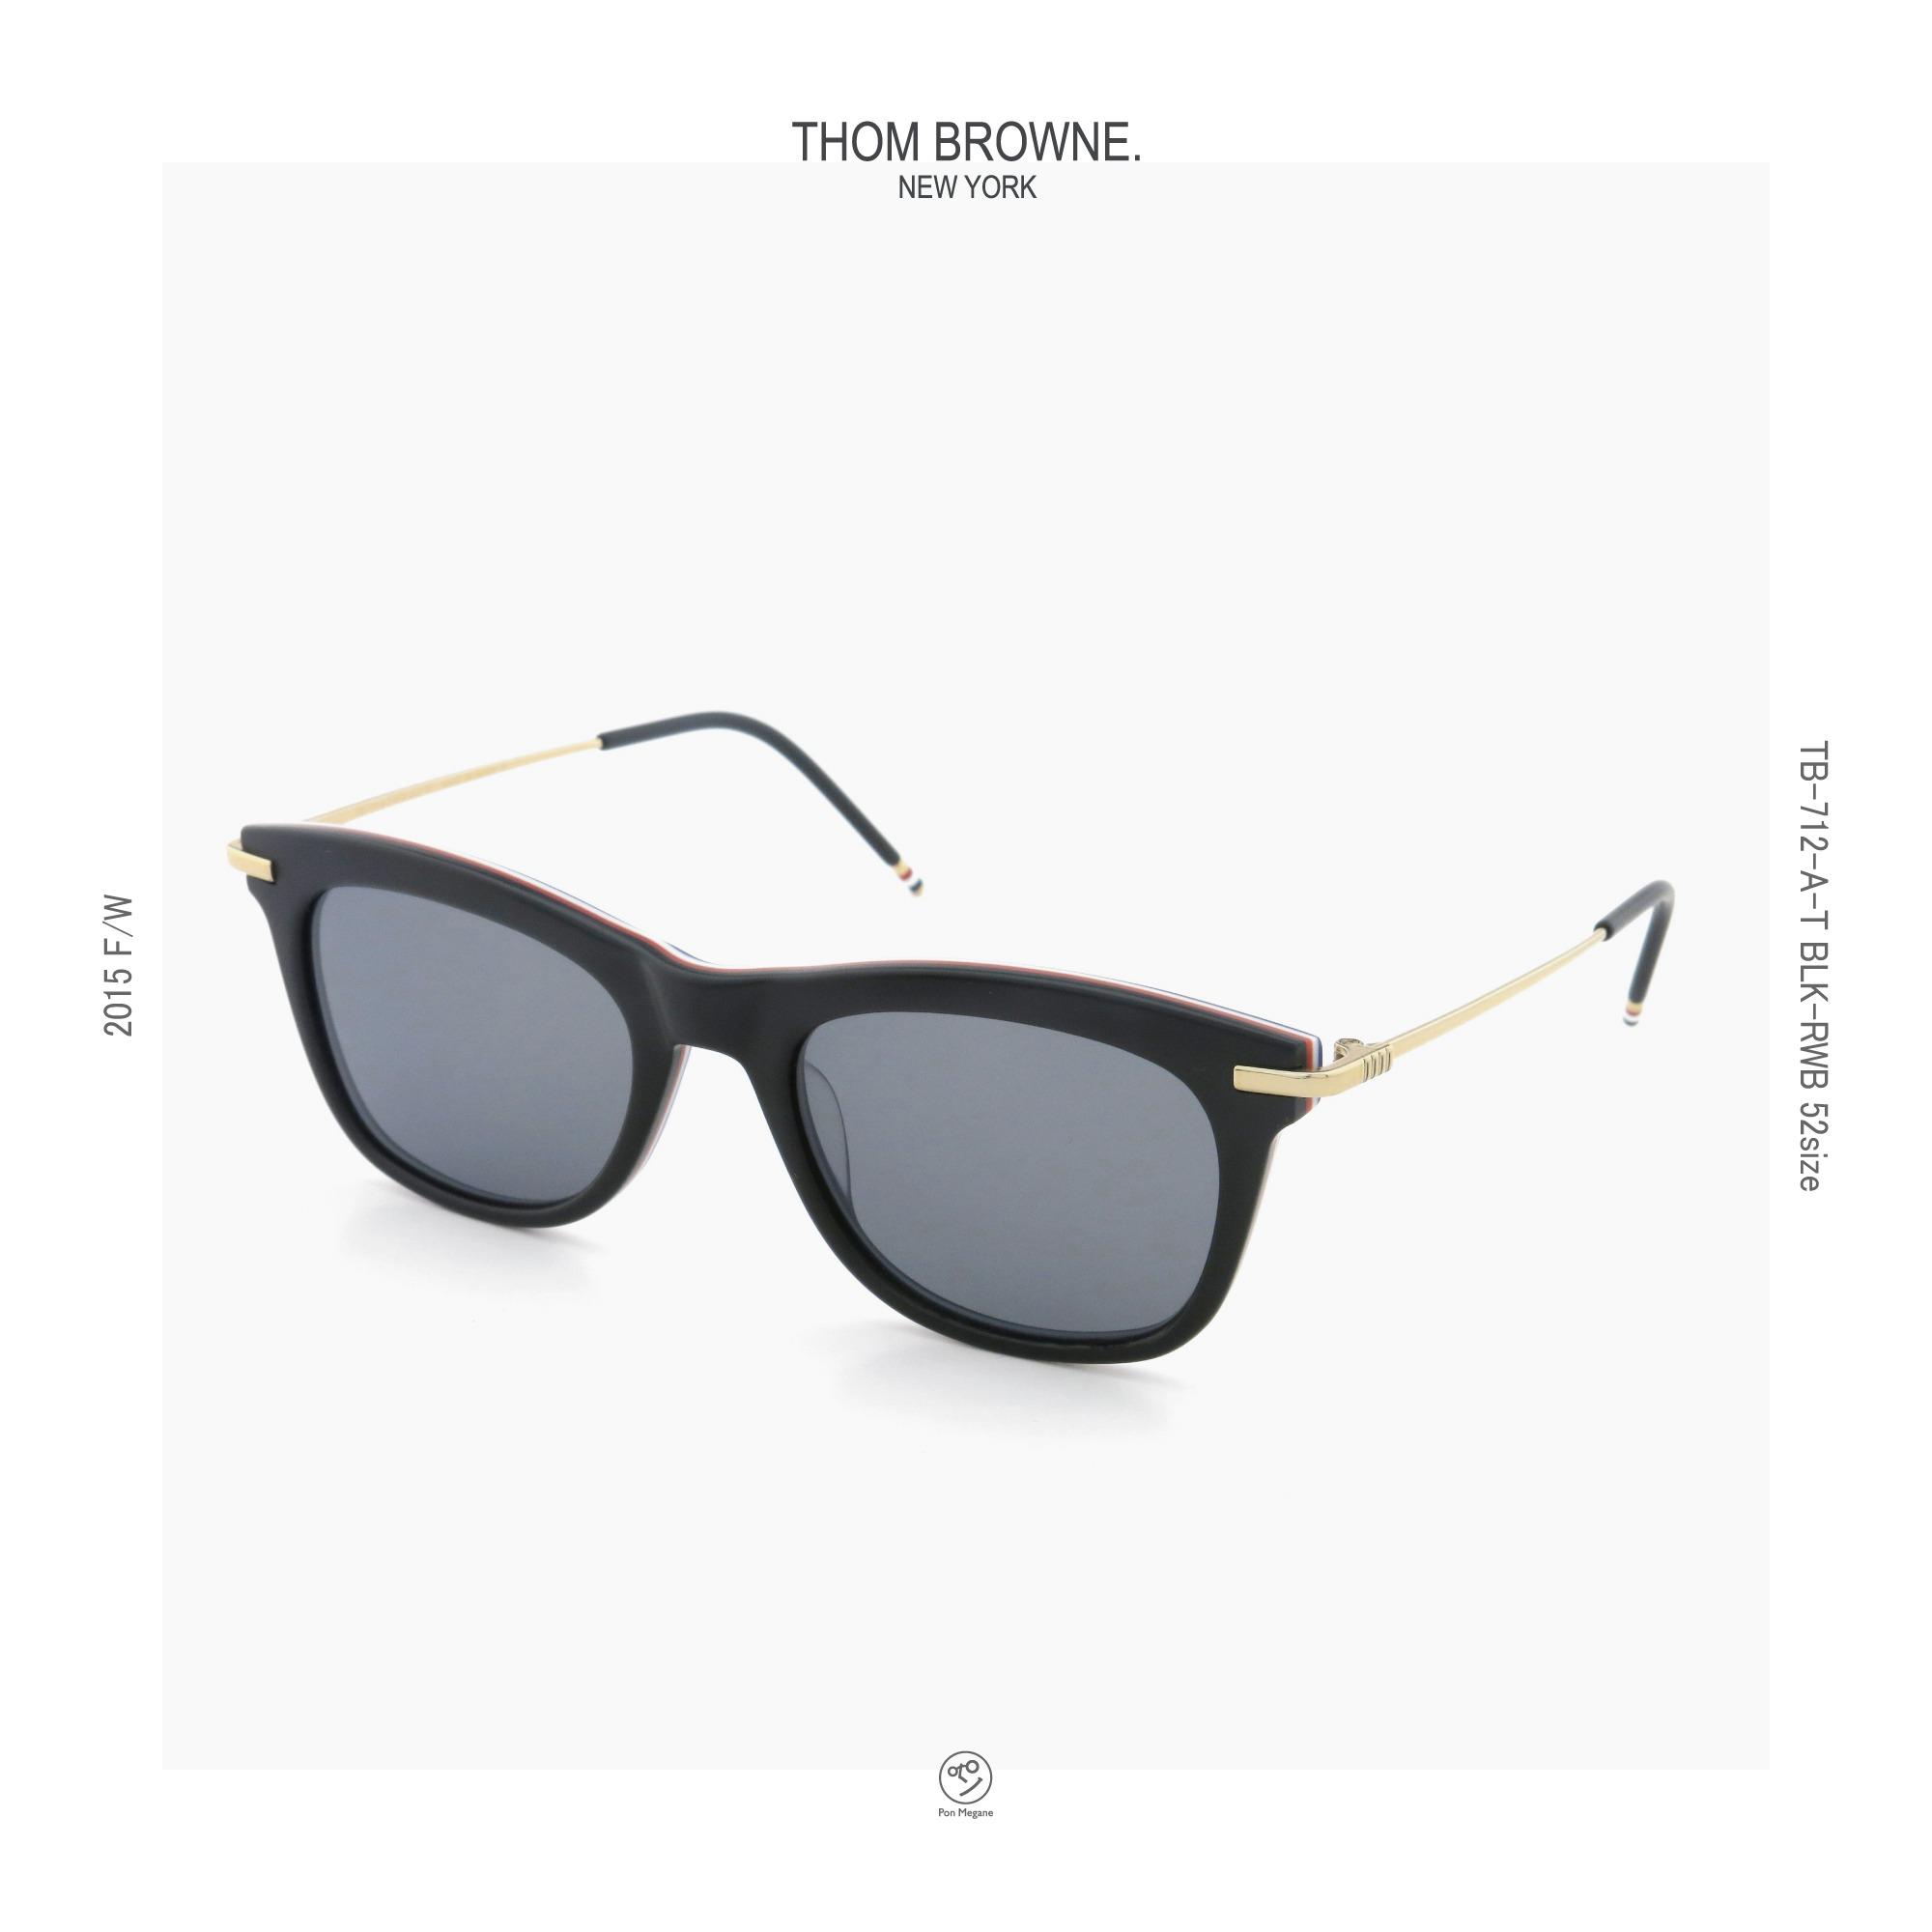 THOM-BROWNE-TB-712-A-T-BLK-RWB-52-DG-insta